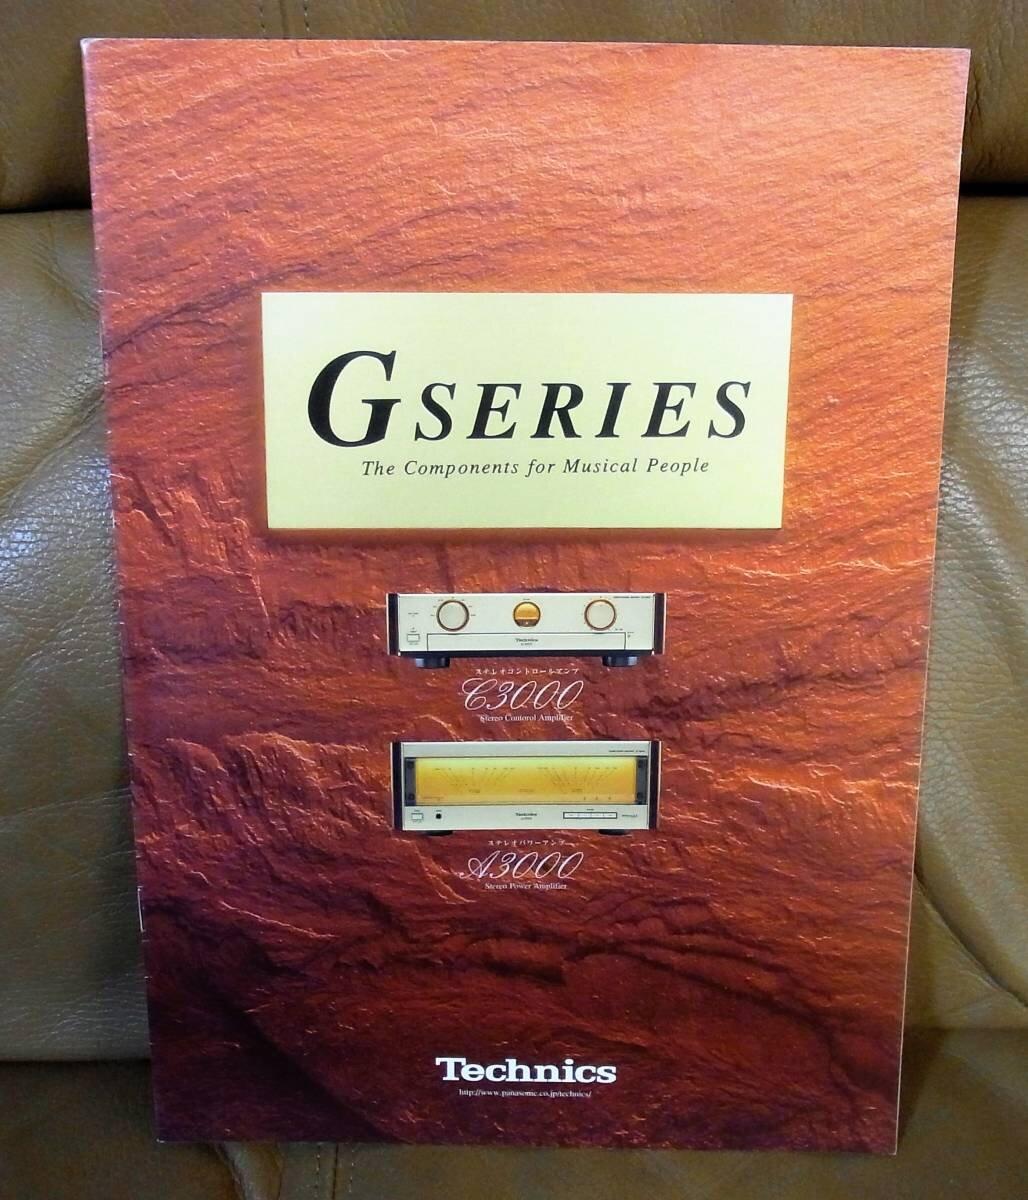 Technics G-Series v3000